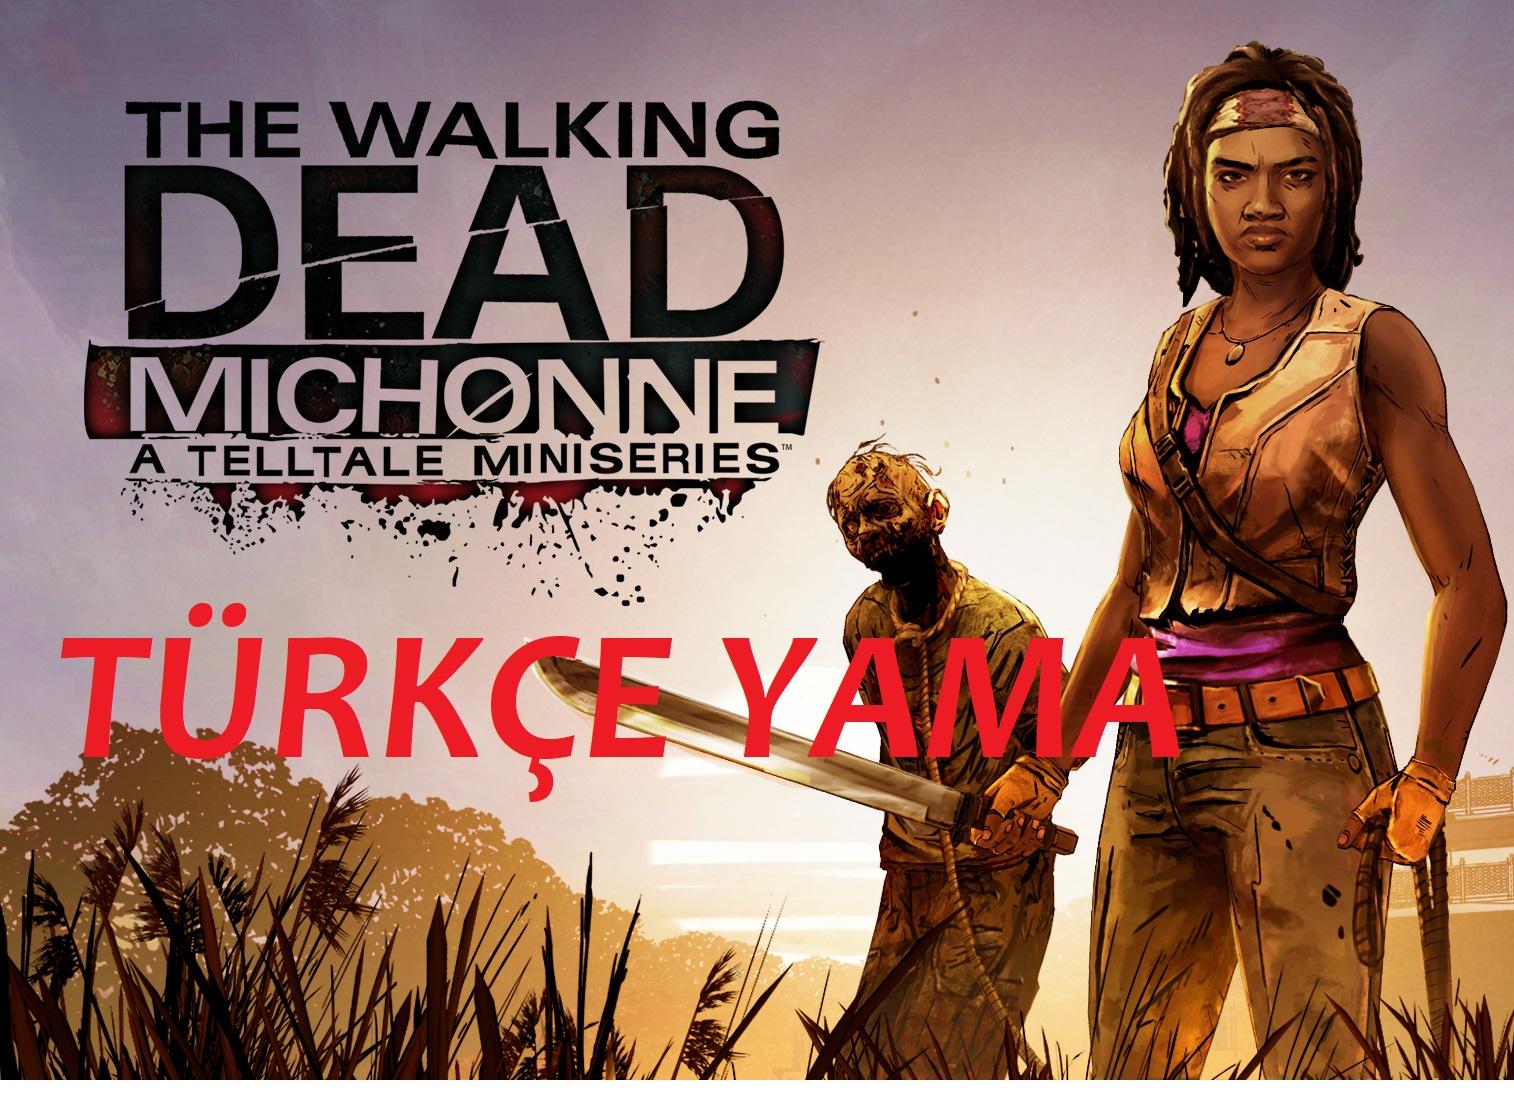 The Walking Dead: Michonne %100 TÜRKÇE YAMA